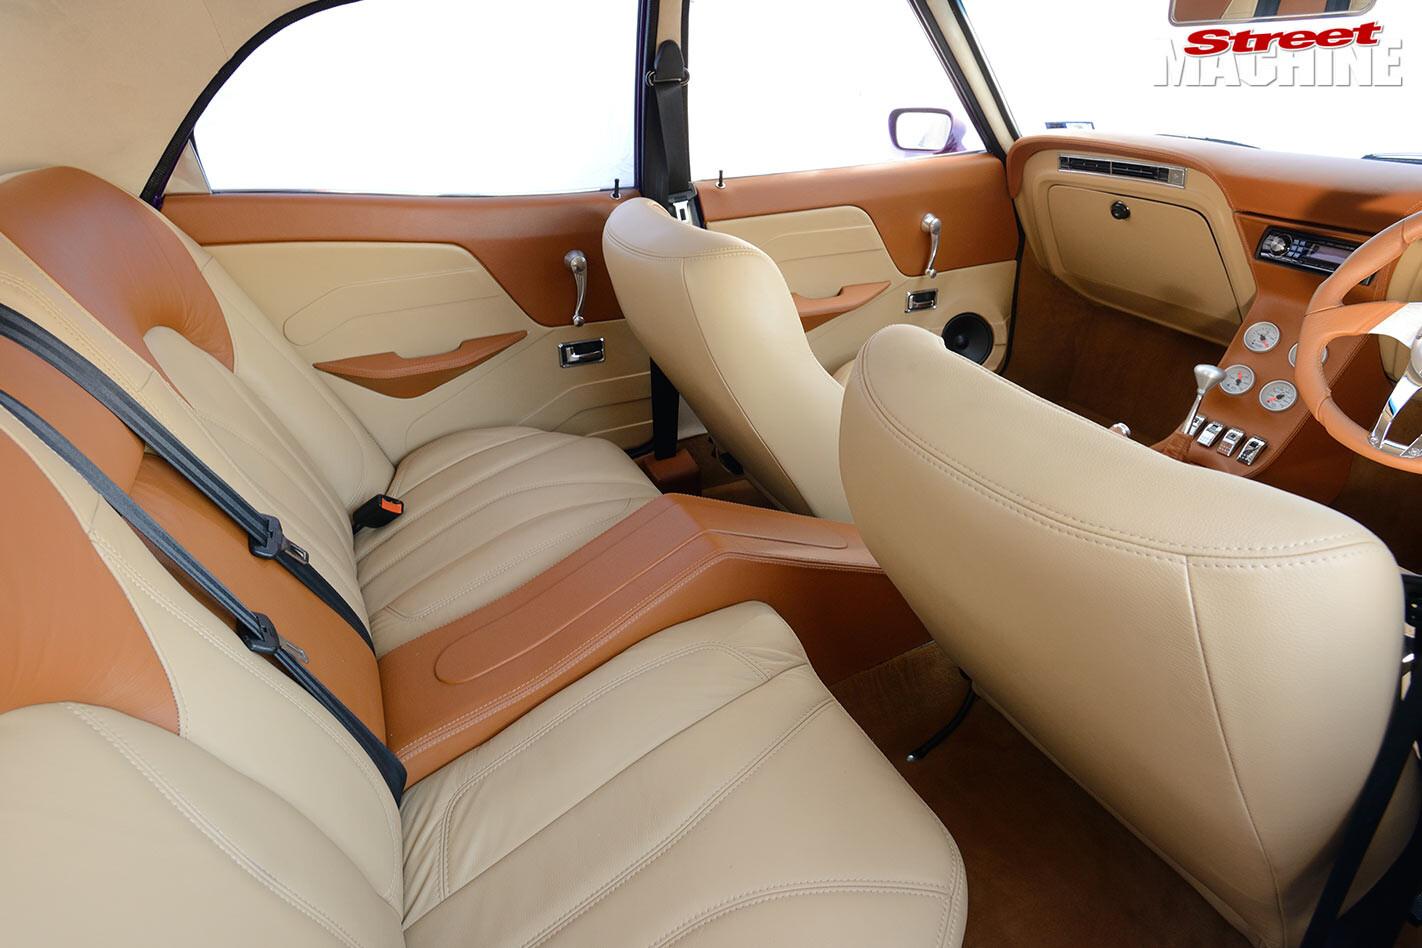 Ford Cortina interior